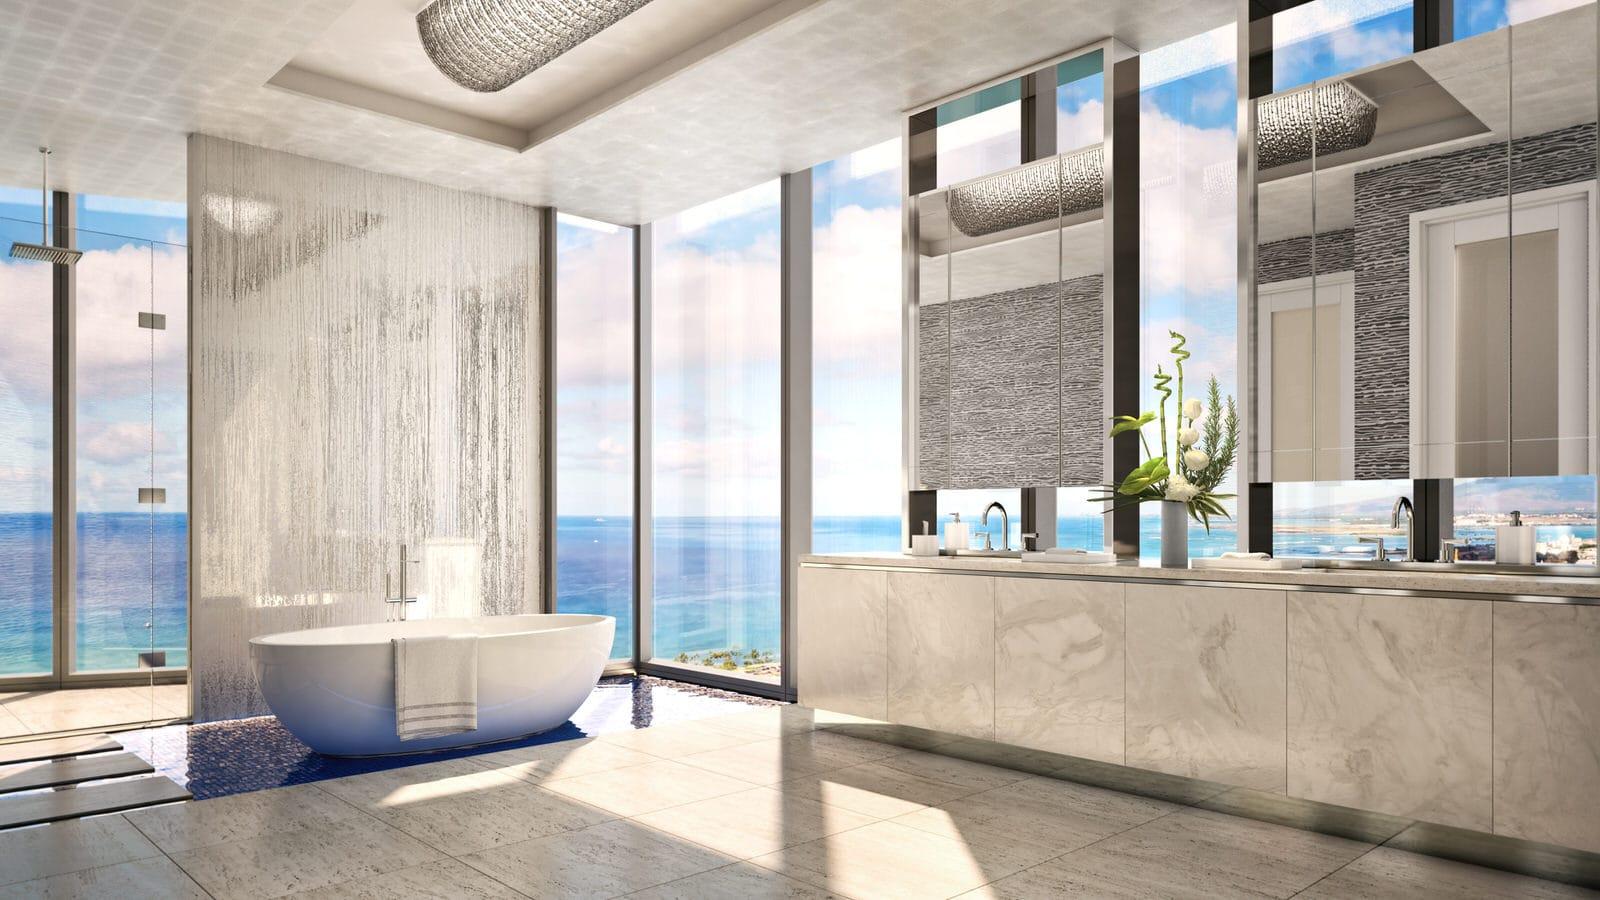 Waiea Grand Penthouse Bathroom